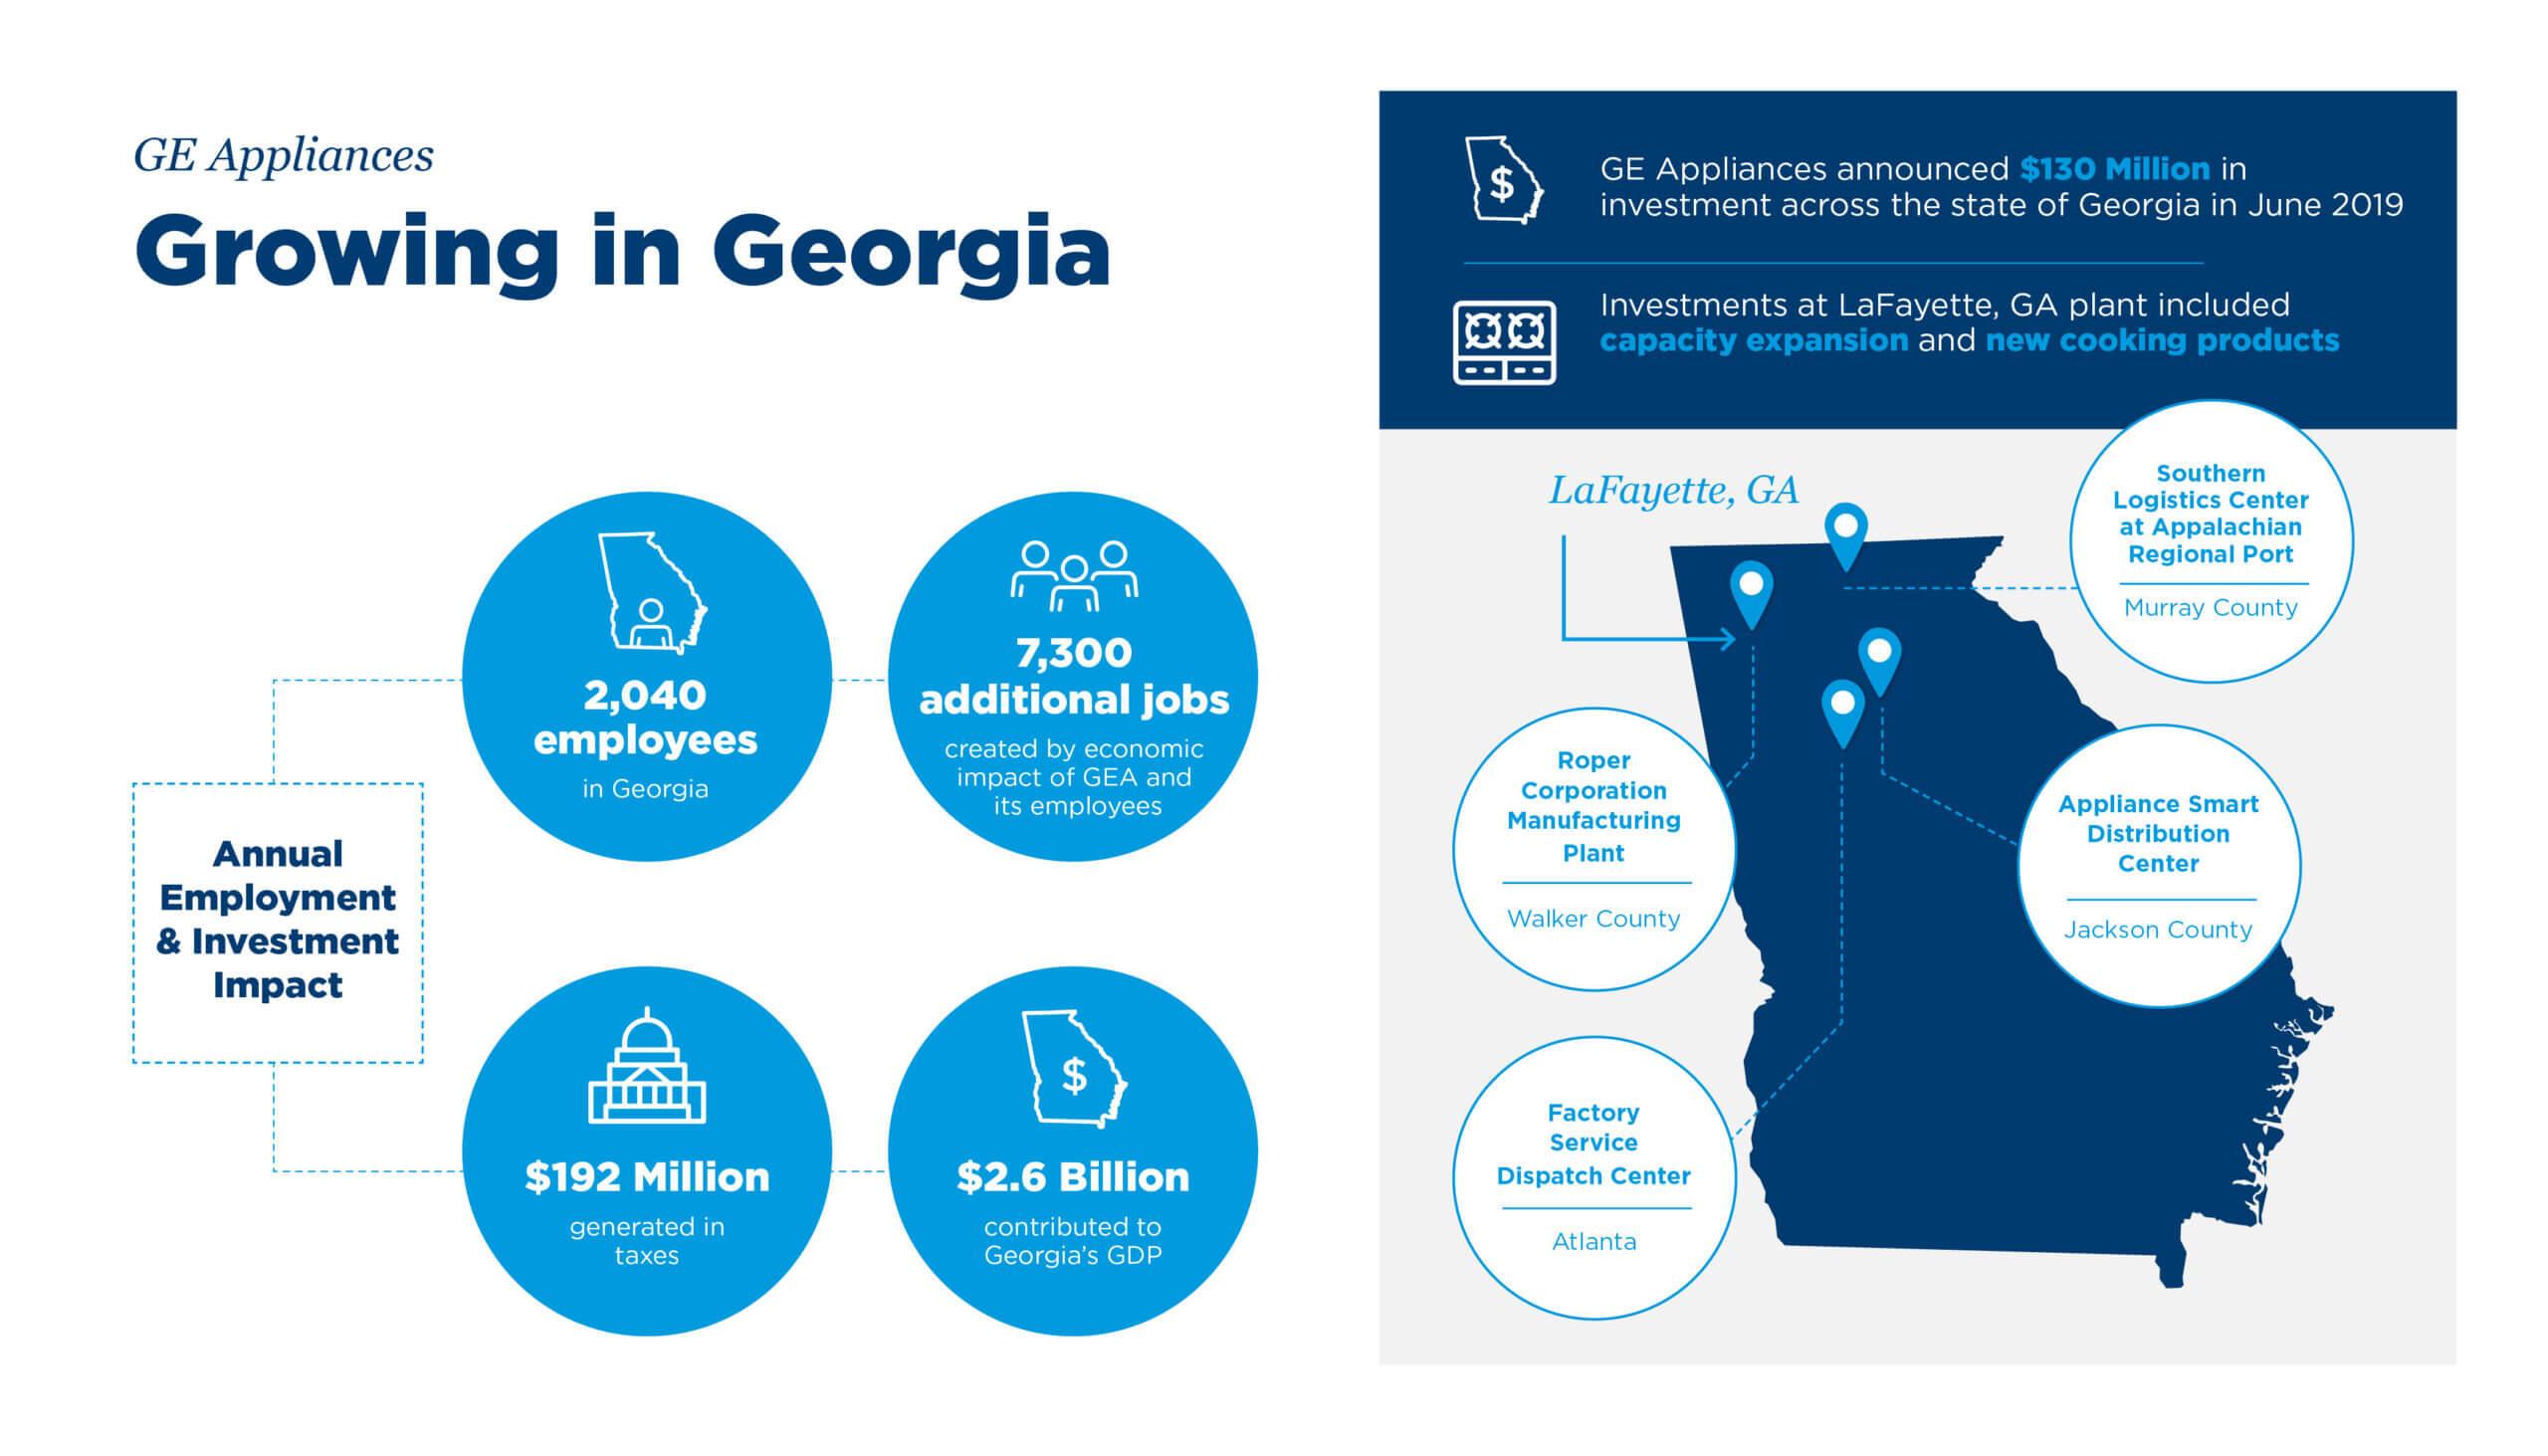 GE Appliances Growing in Georgia